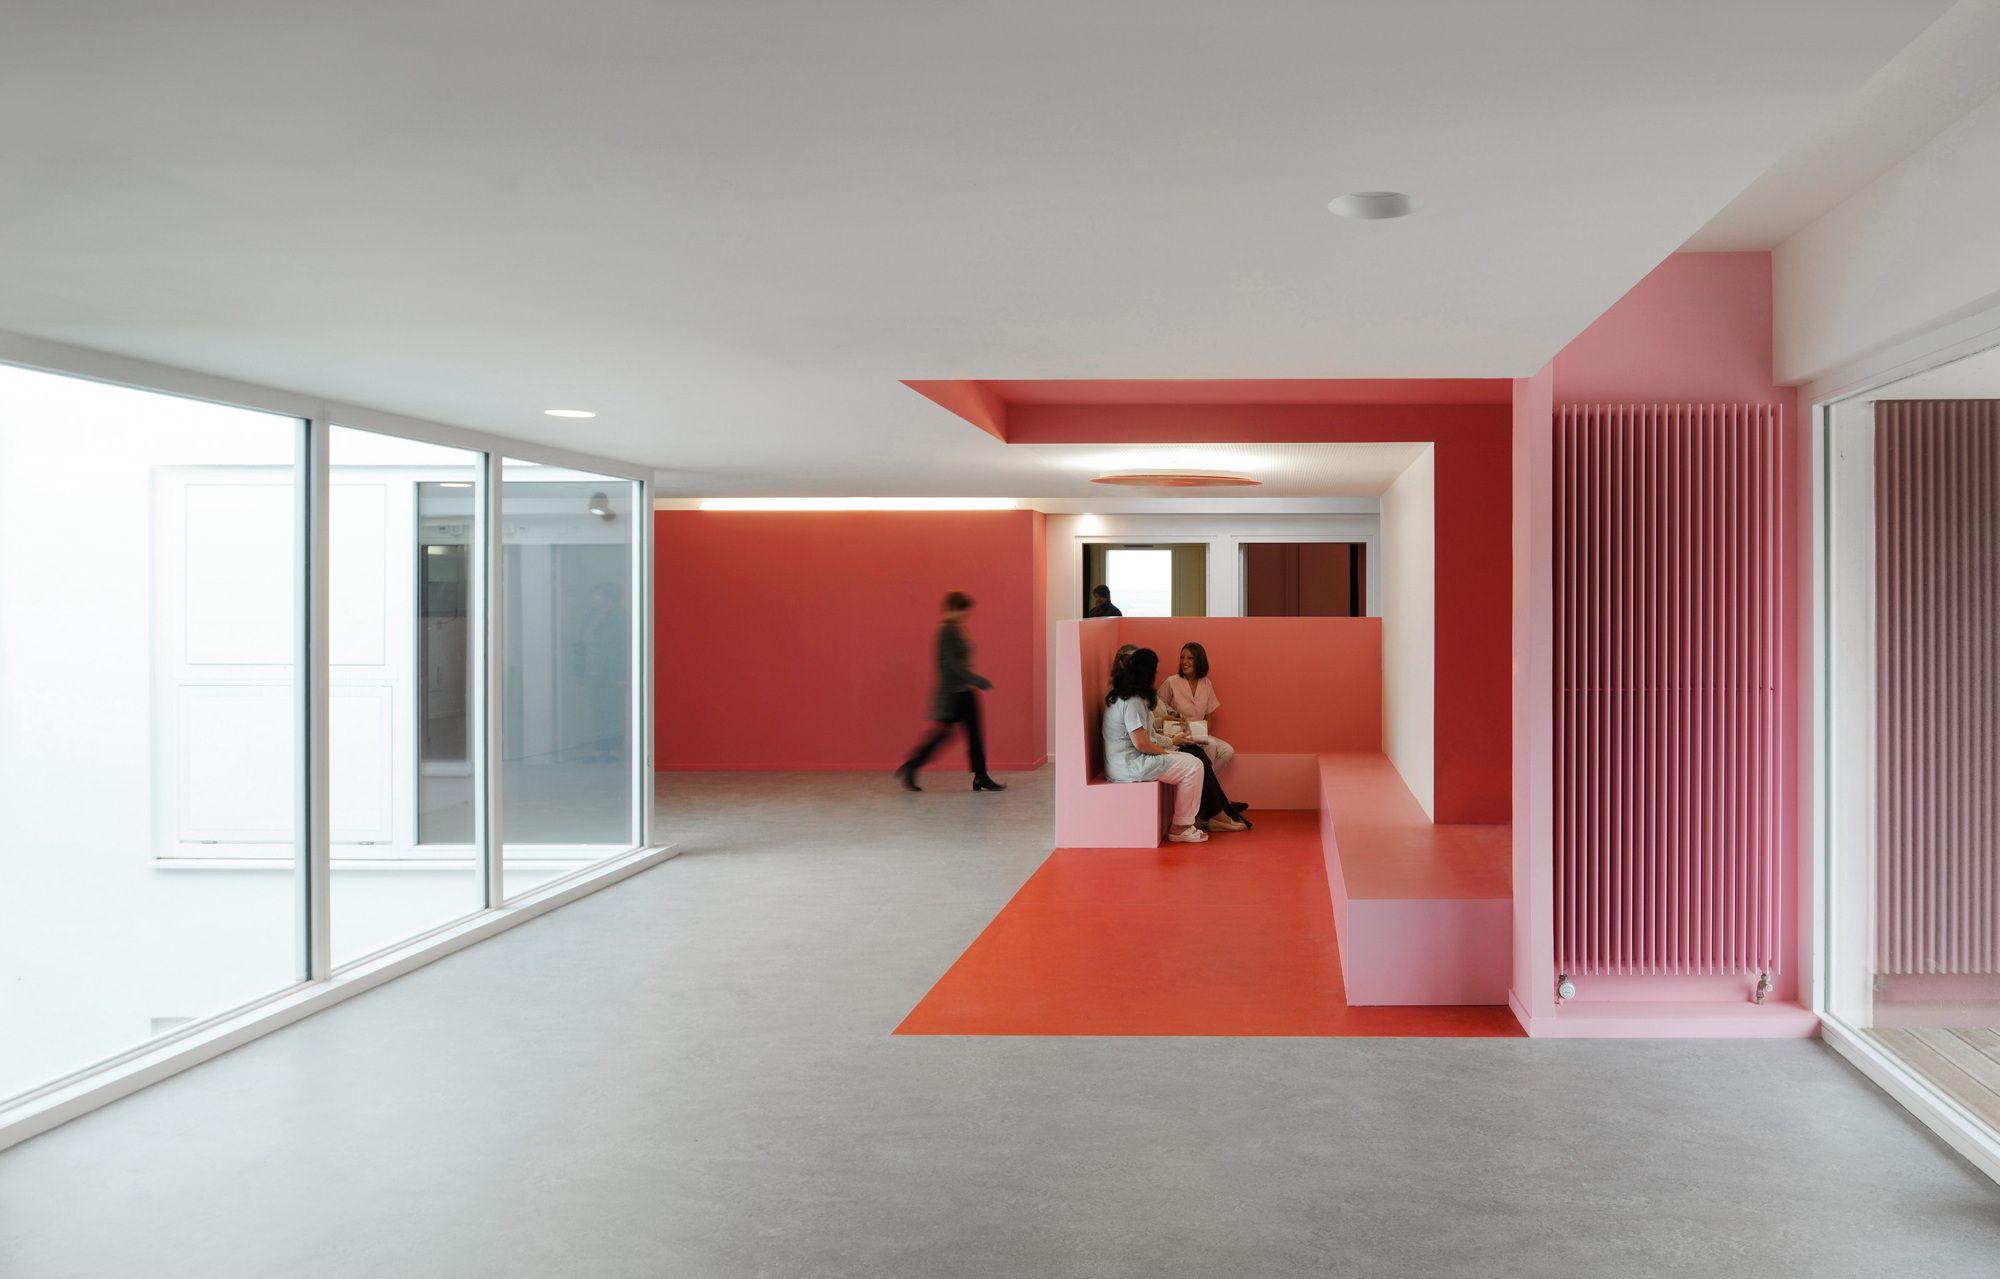 Pflegeheim innenarchitektur burgunder rosé  seniorenheim von dominique coulon  projekt mit